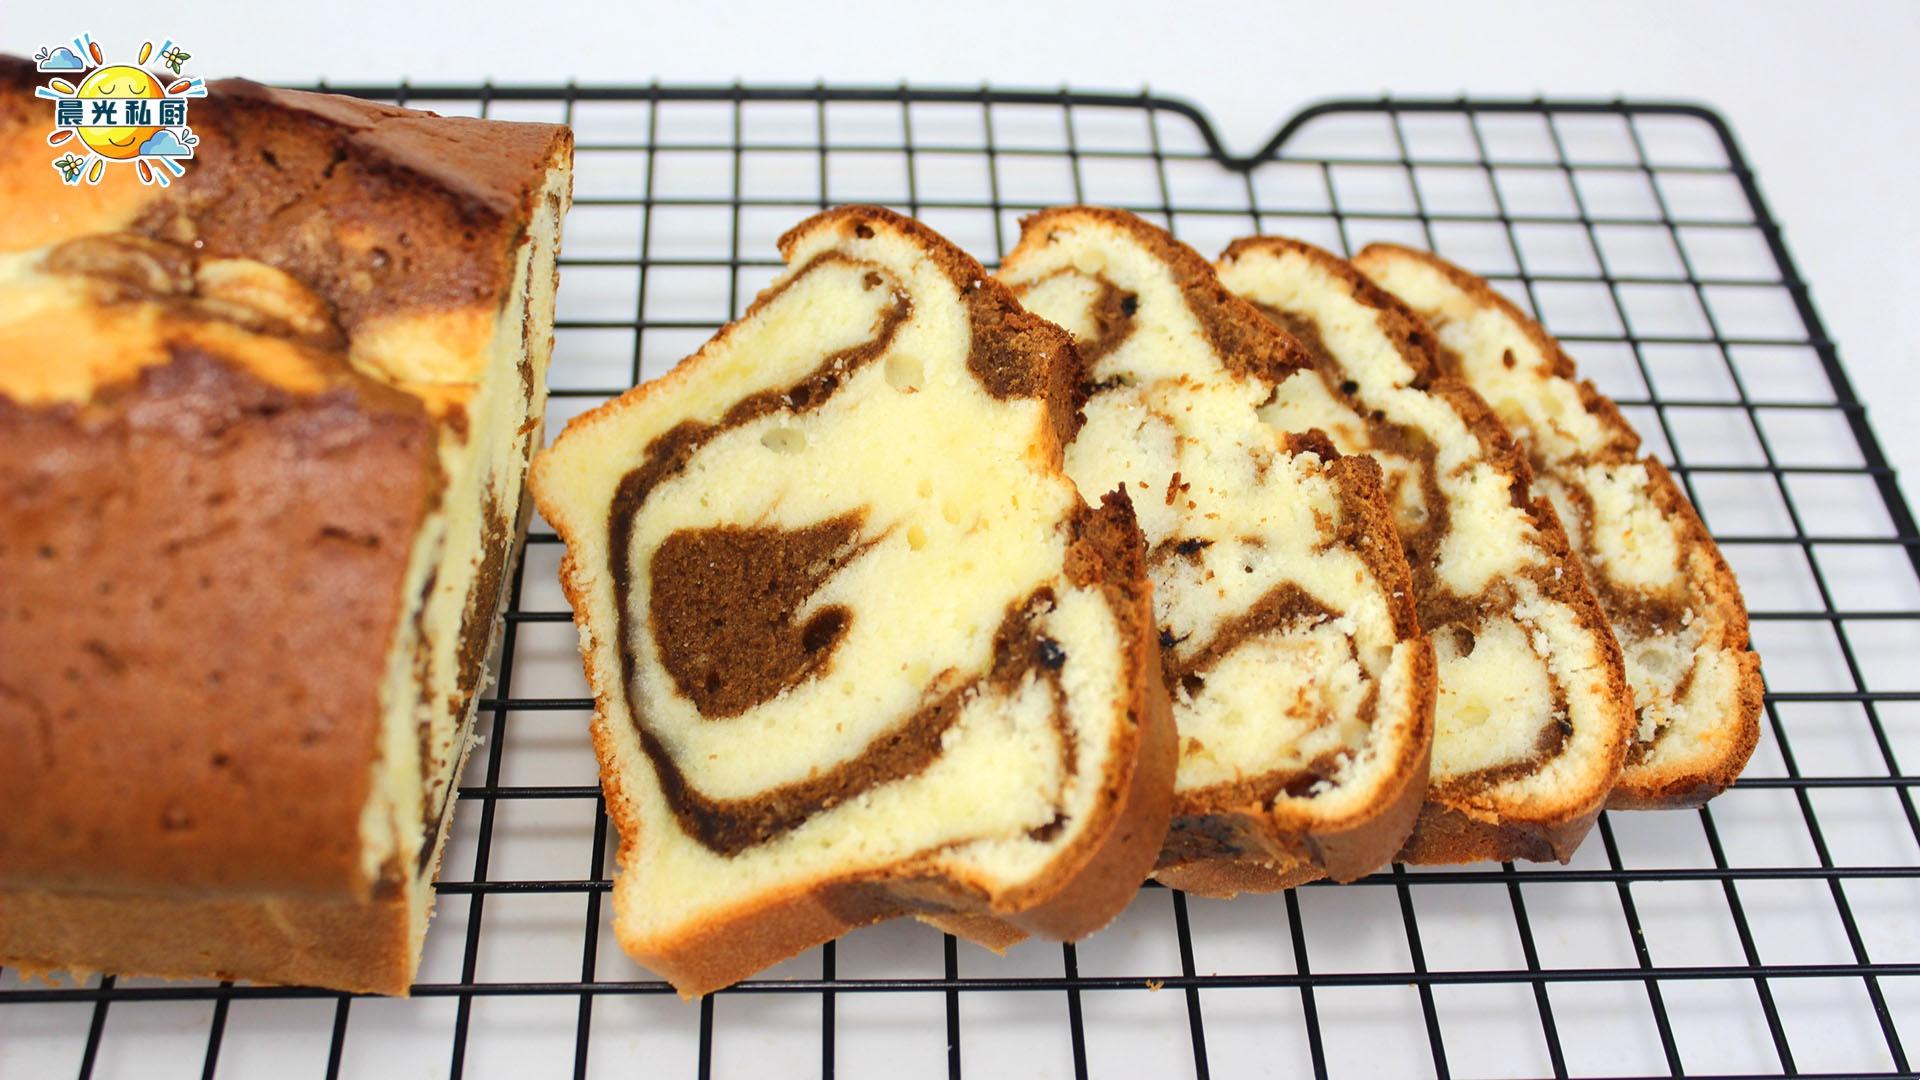 咖啡淡奶油磅蛋糕,无黄油配方,两种咖啡的巧妙融合,清爽不油腻